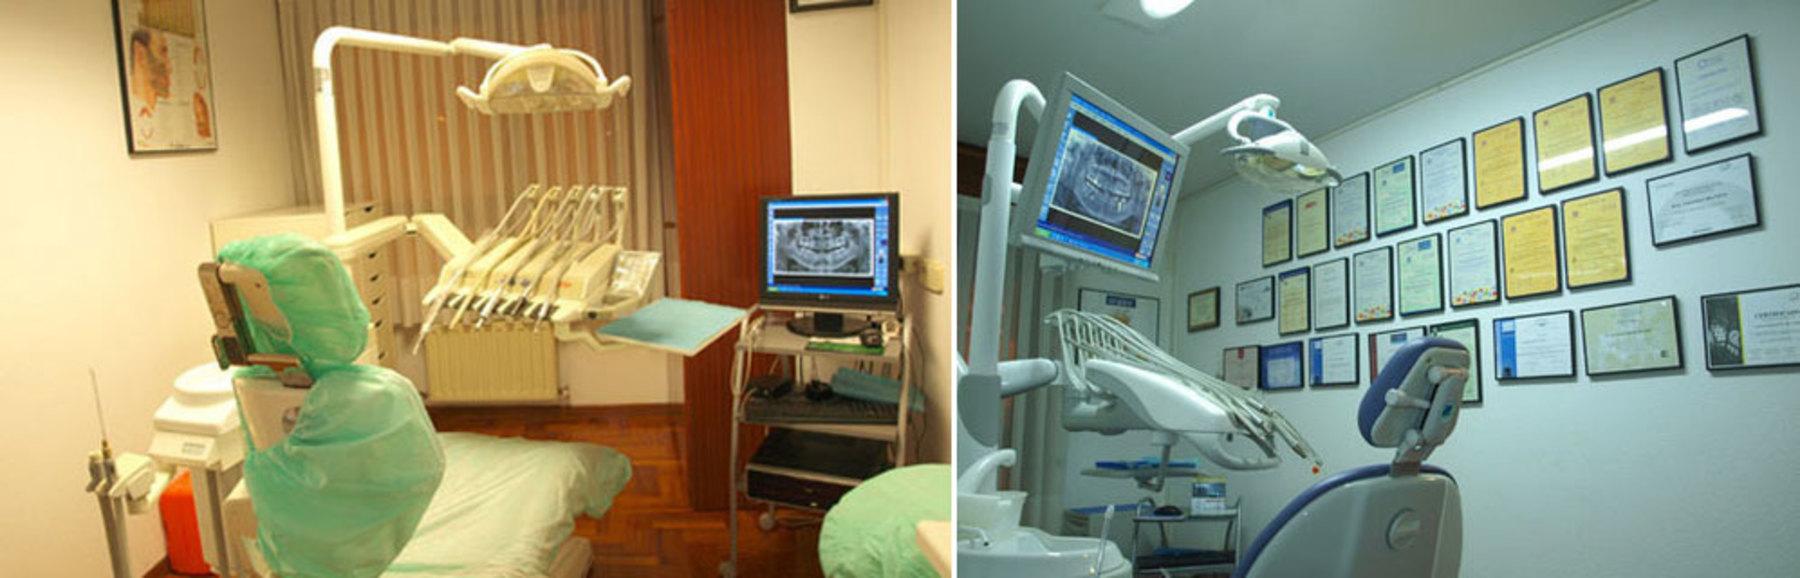 Clinica Dental Xixon